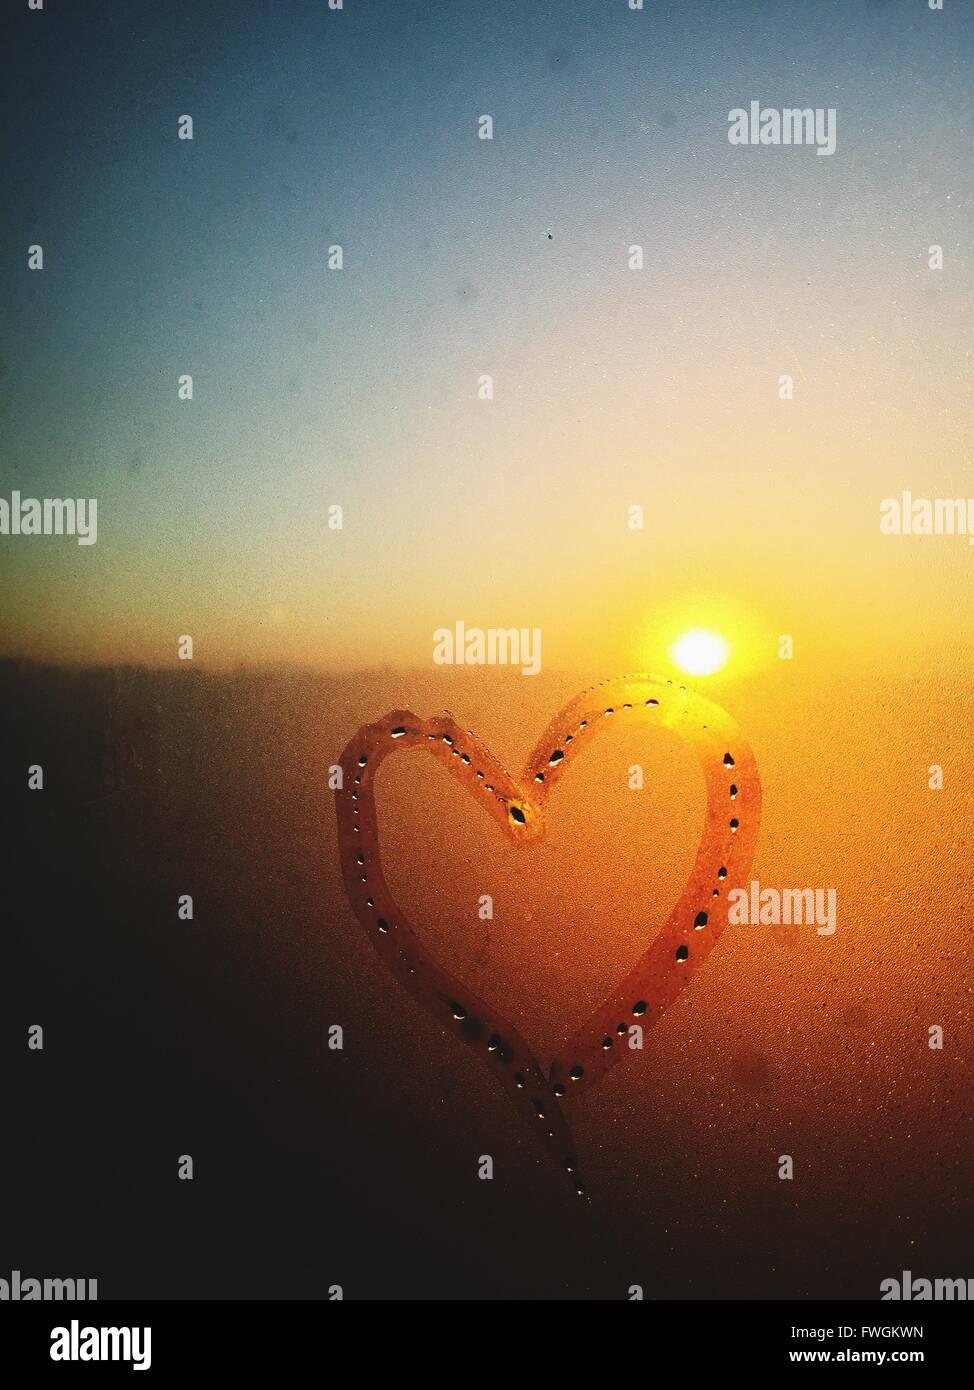 Corazón dibujado en la ventana condensada Foto de stock